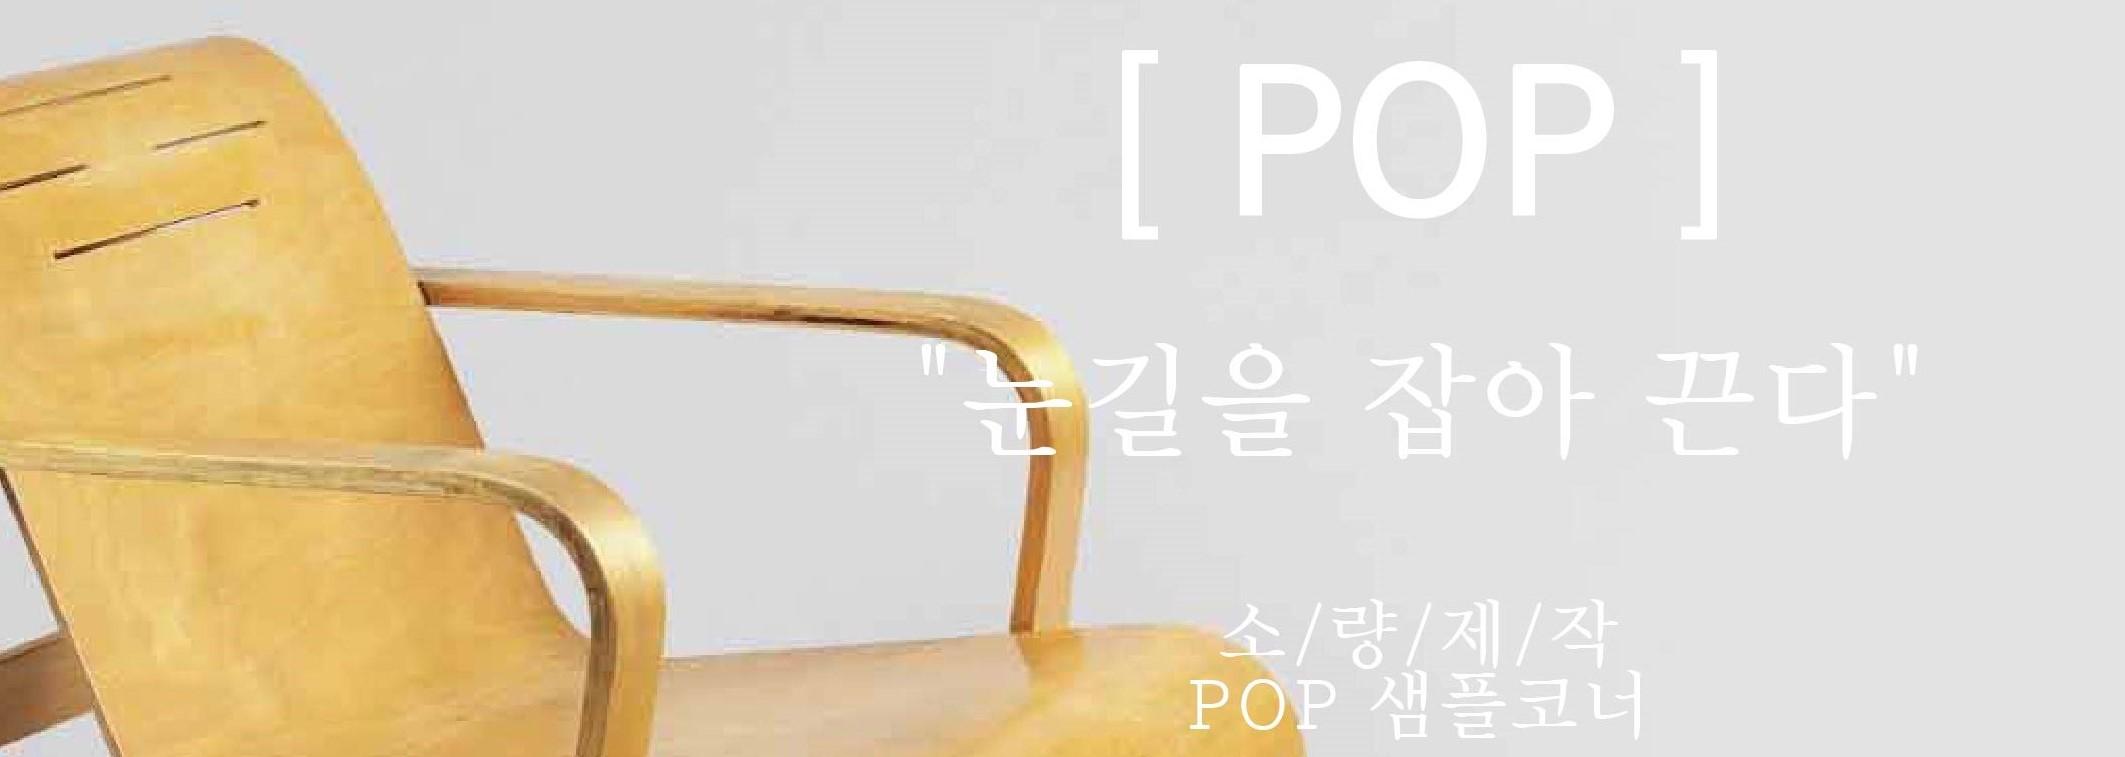 POP_sub_01.jpg